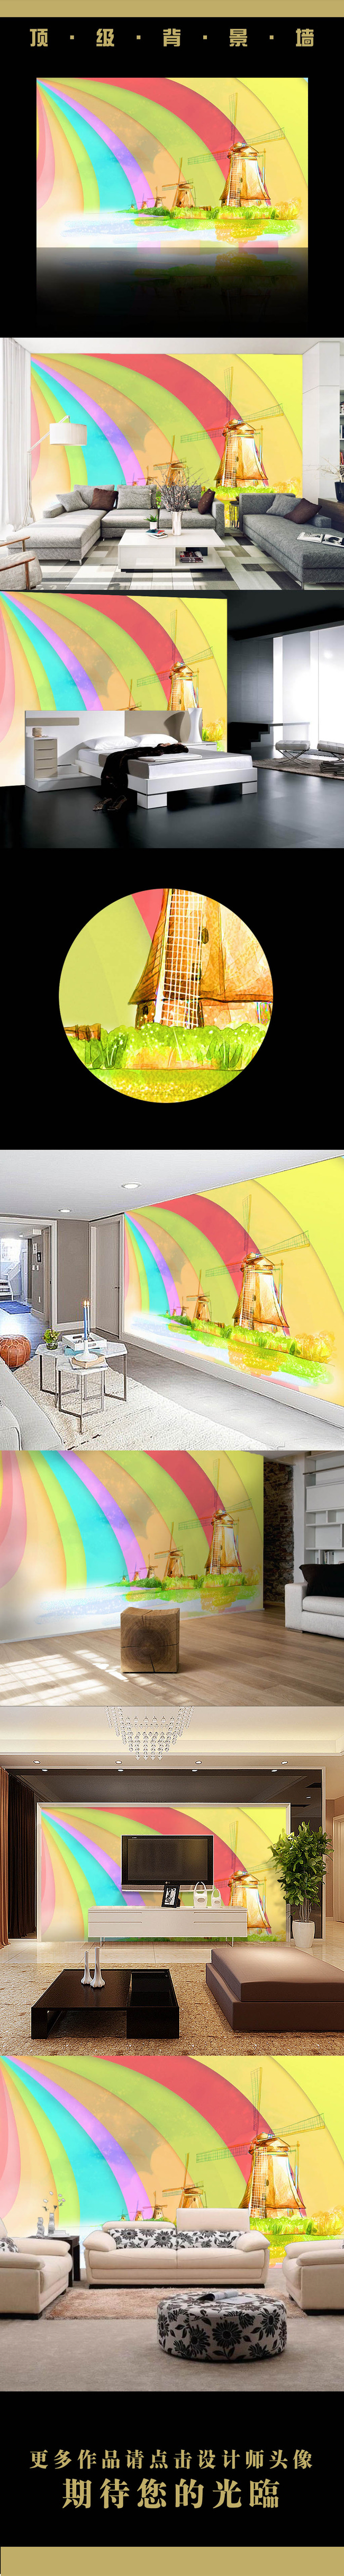 彩虹儿童房风车风塔手绘卡通卧室背景墙